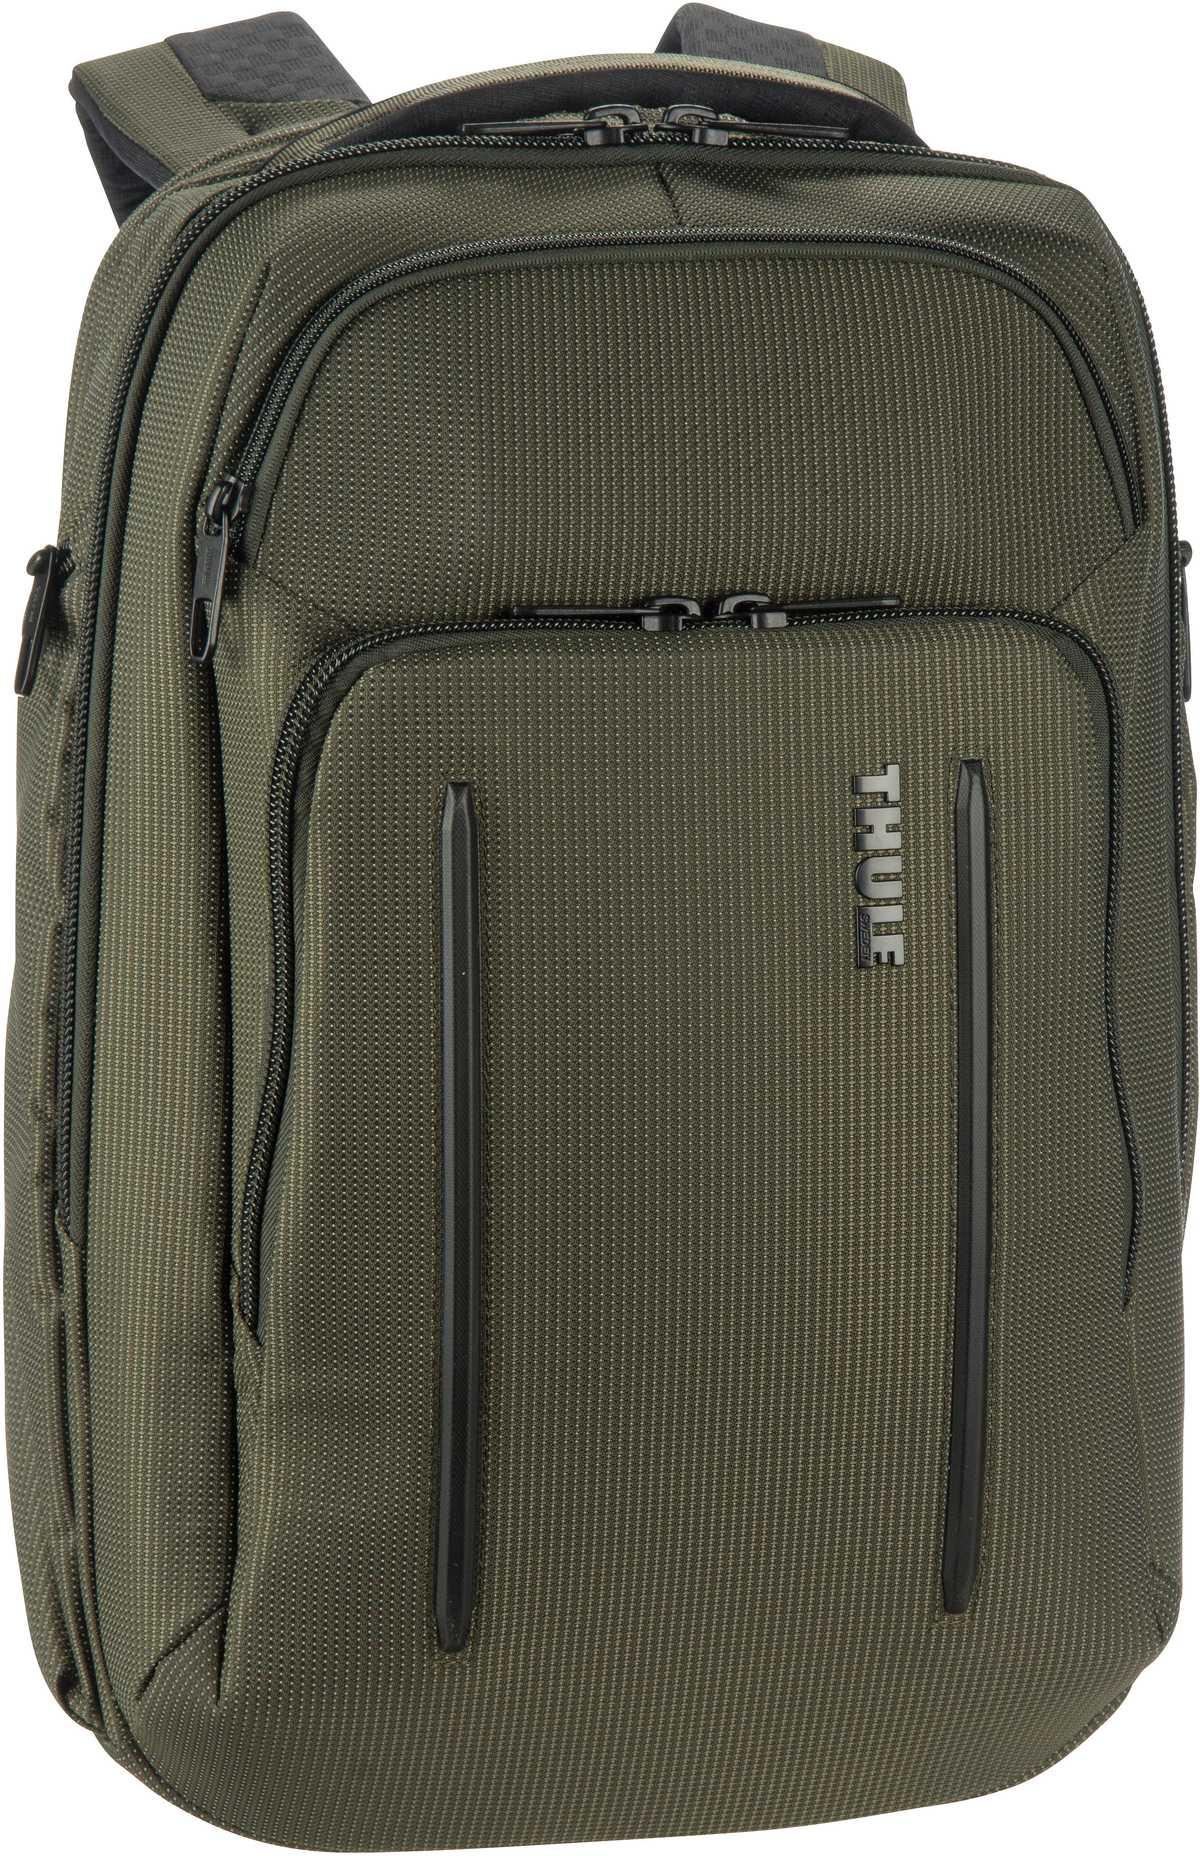 Rucksack / Daypack Crossover 2 Backpack 30L Forest Night (30 Liter)